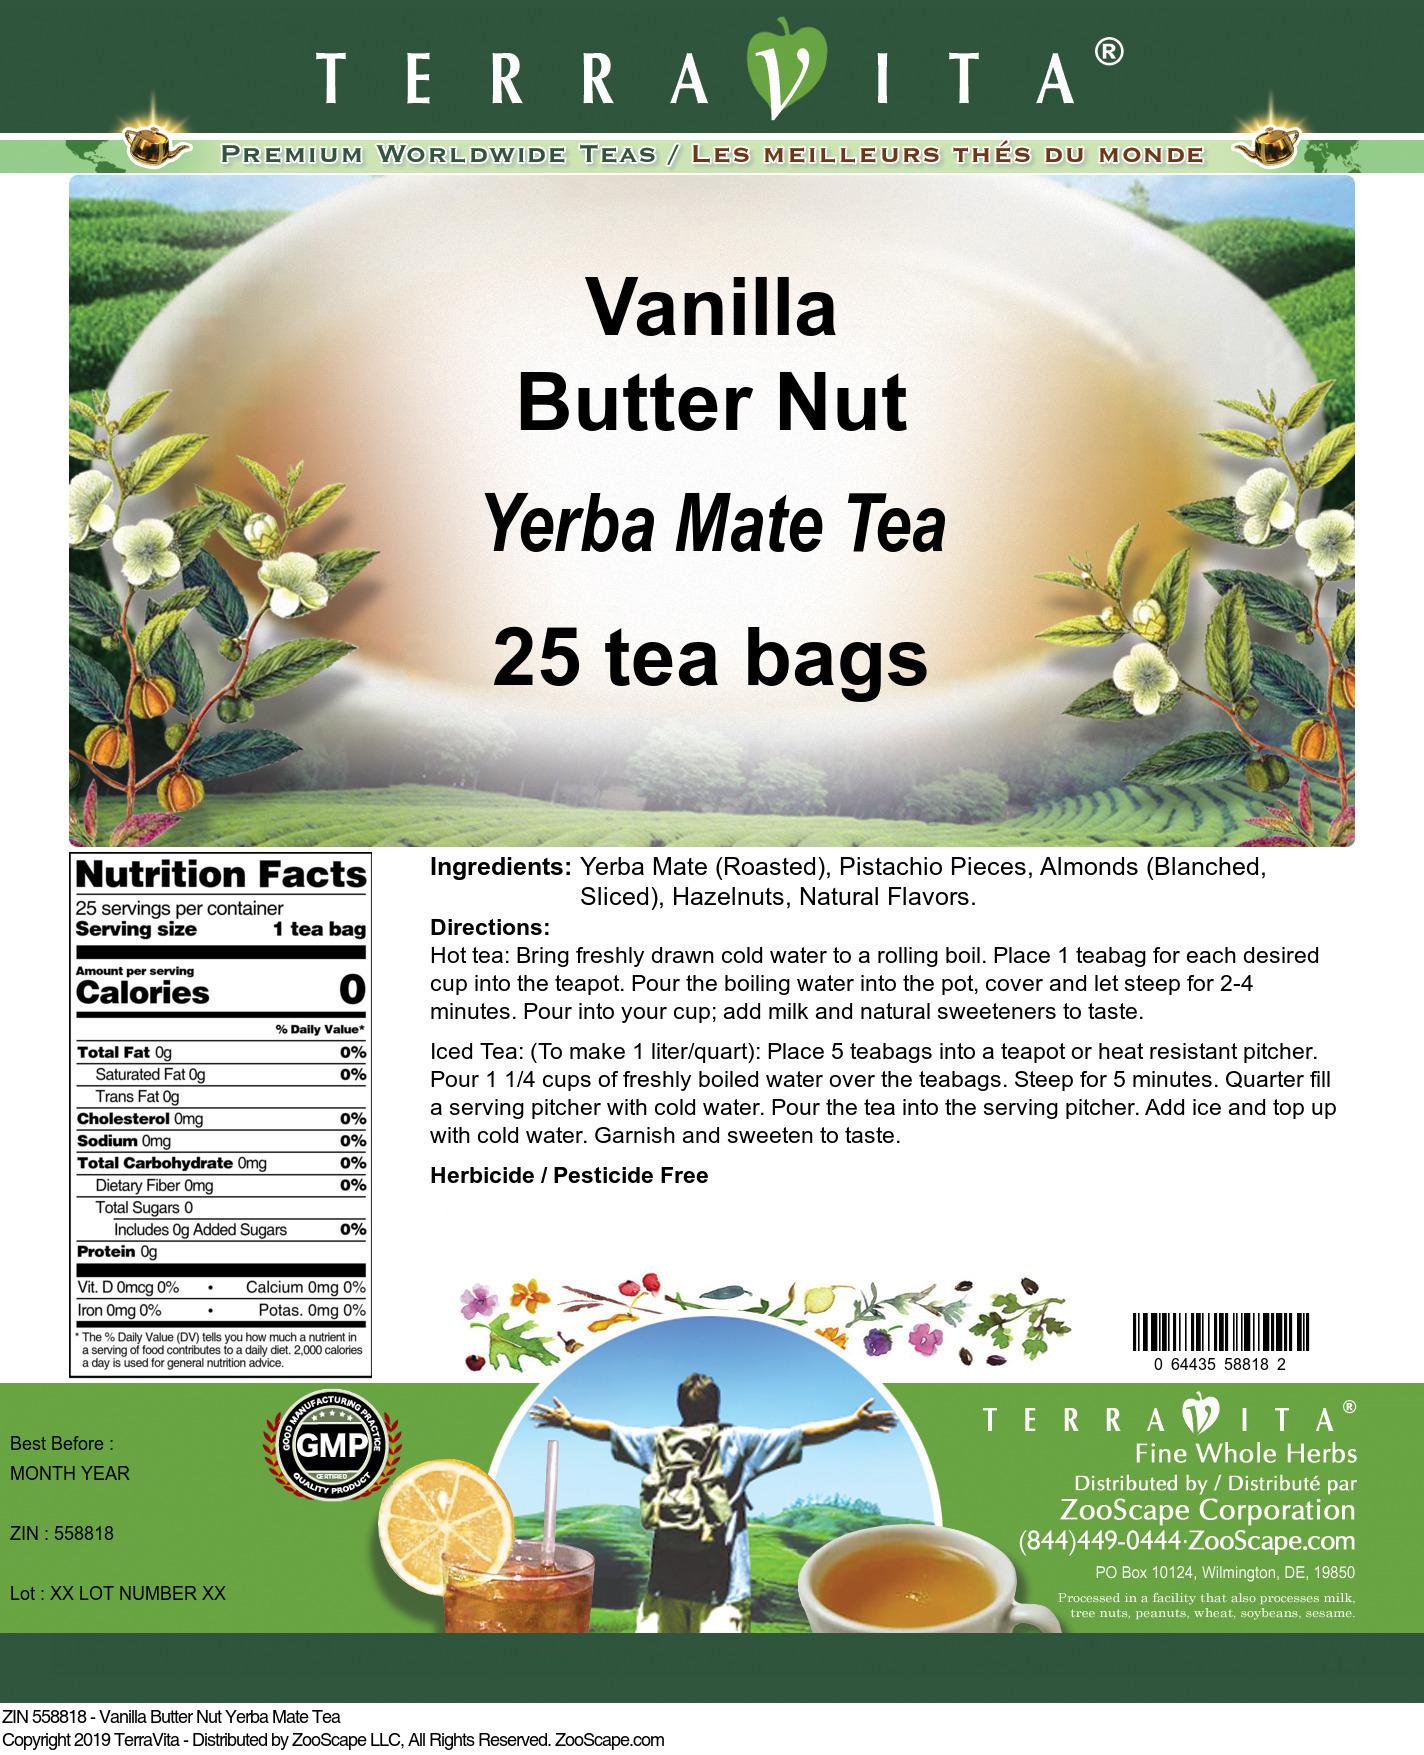 Vanilla Butter Nut Yerba Mate Tea